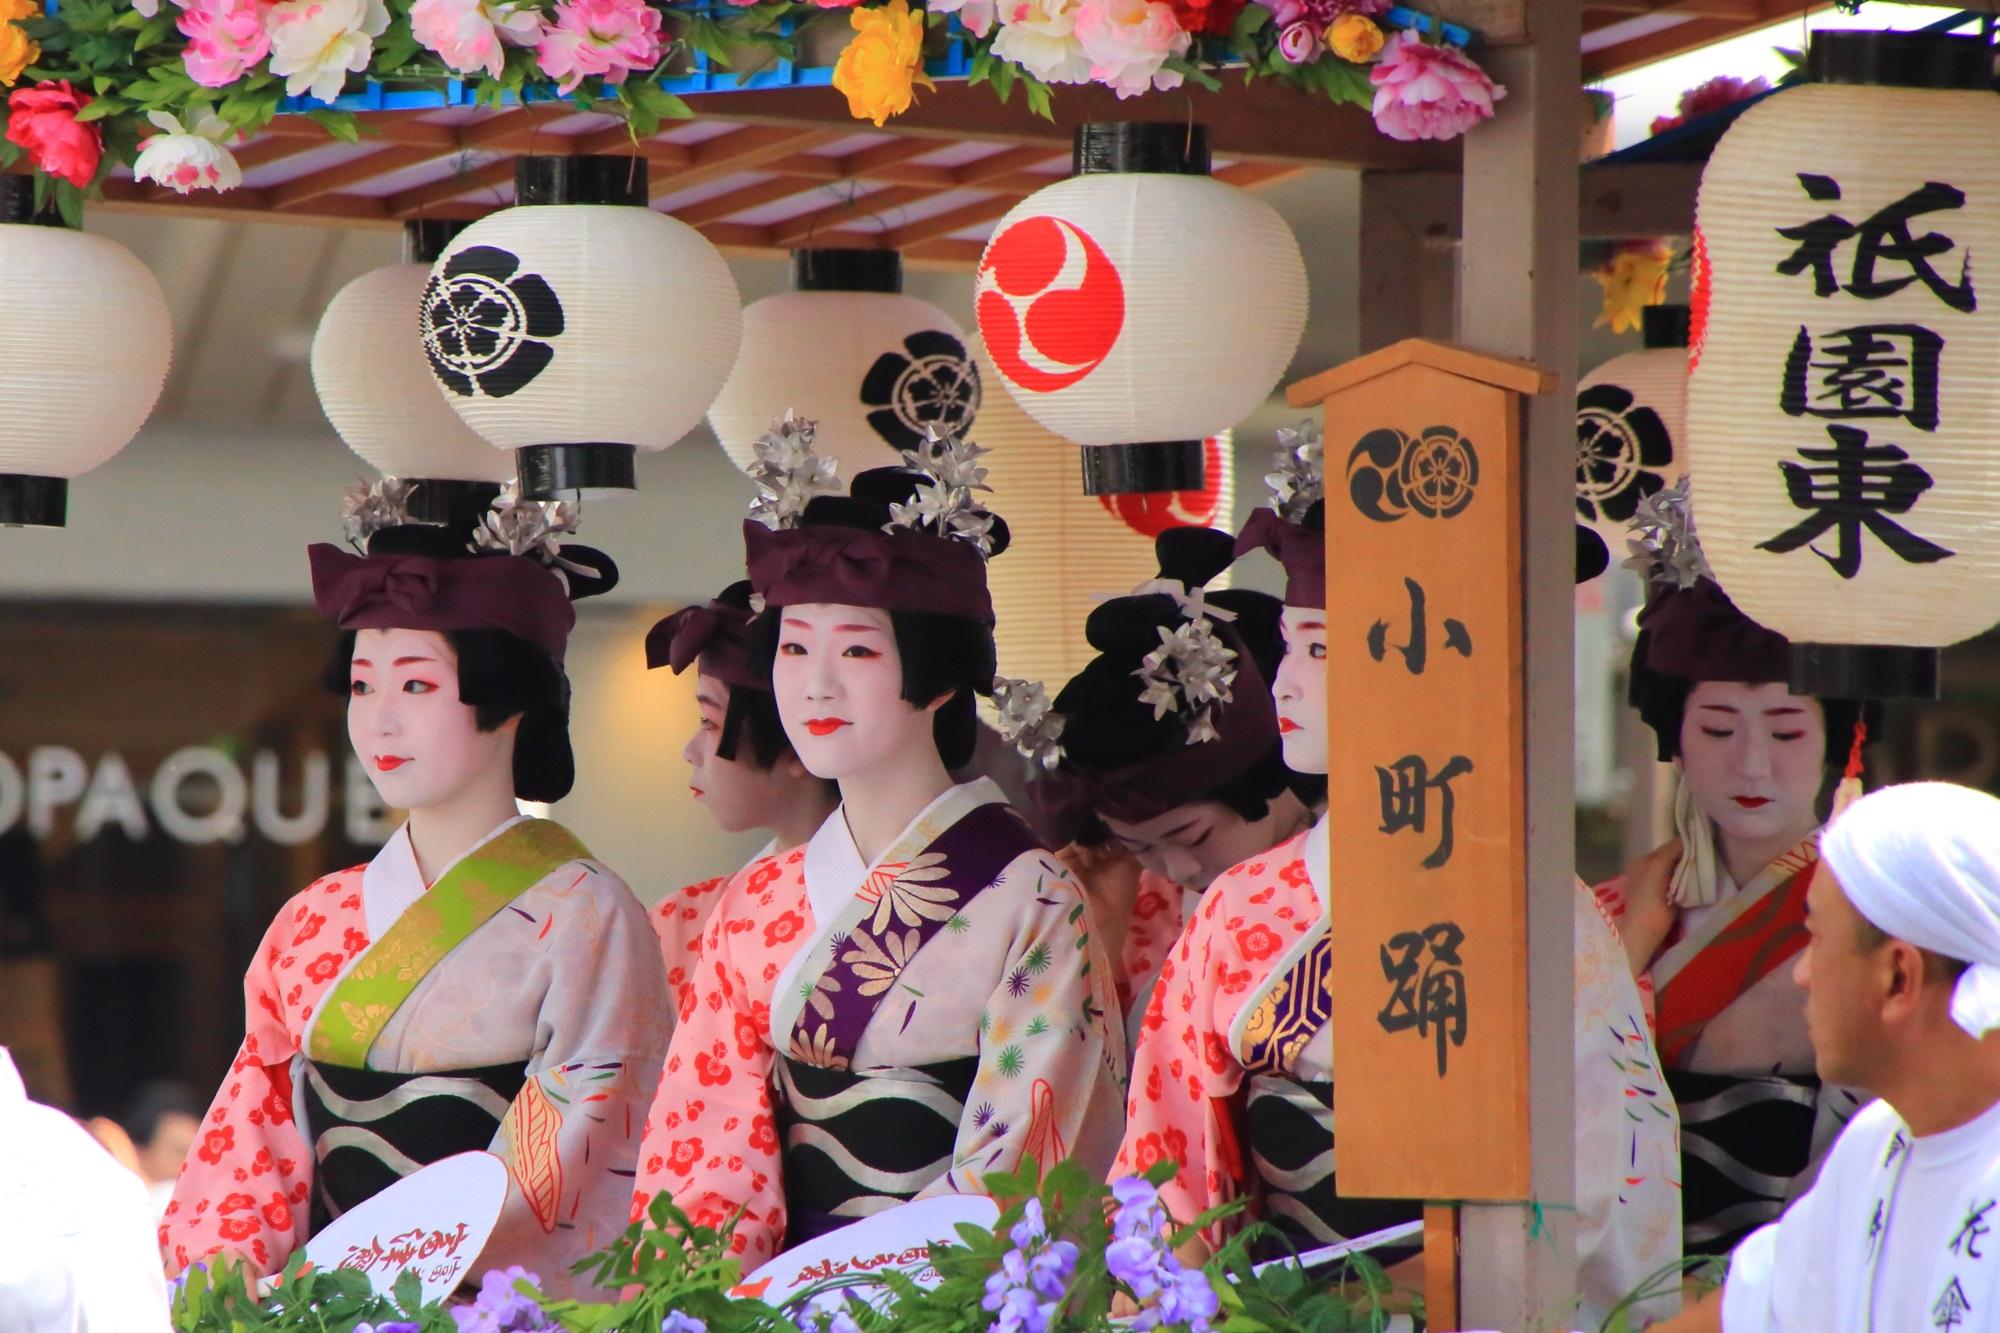 祇園祭の花傘巡行の舞妓さん(祇園東)